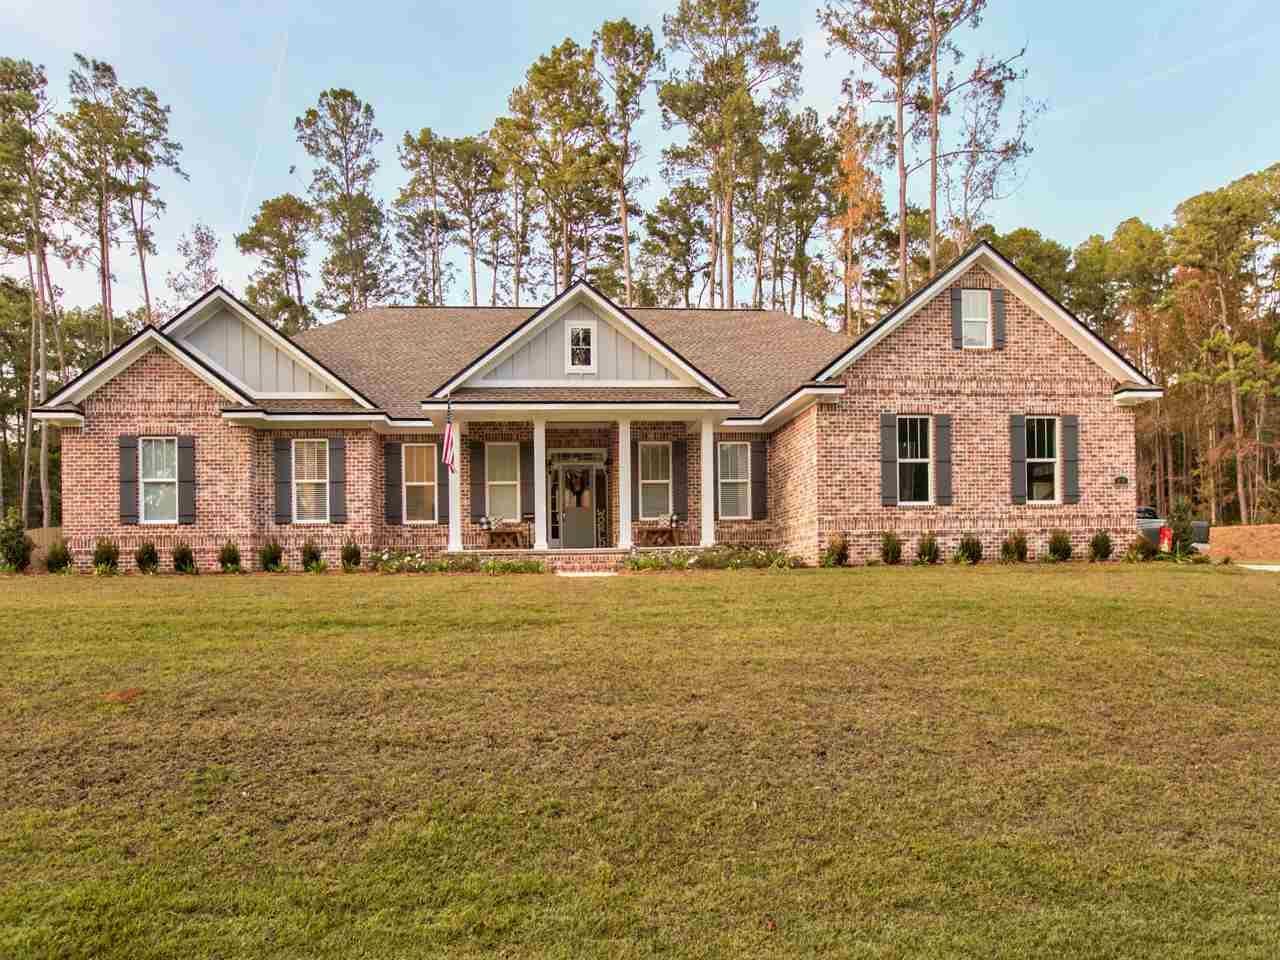 450 Audubon Drive, Tallahassee, FL 32312 - MLS#: 333081